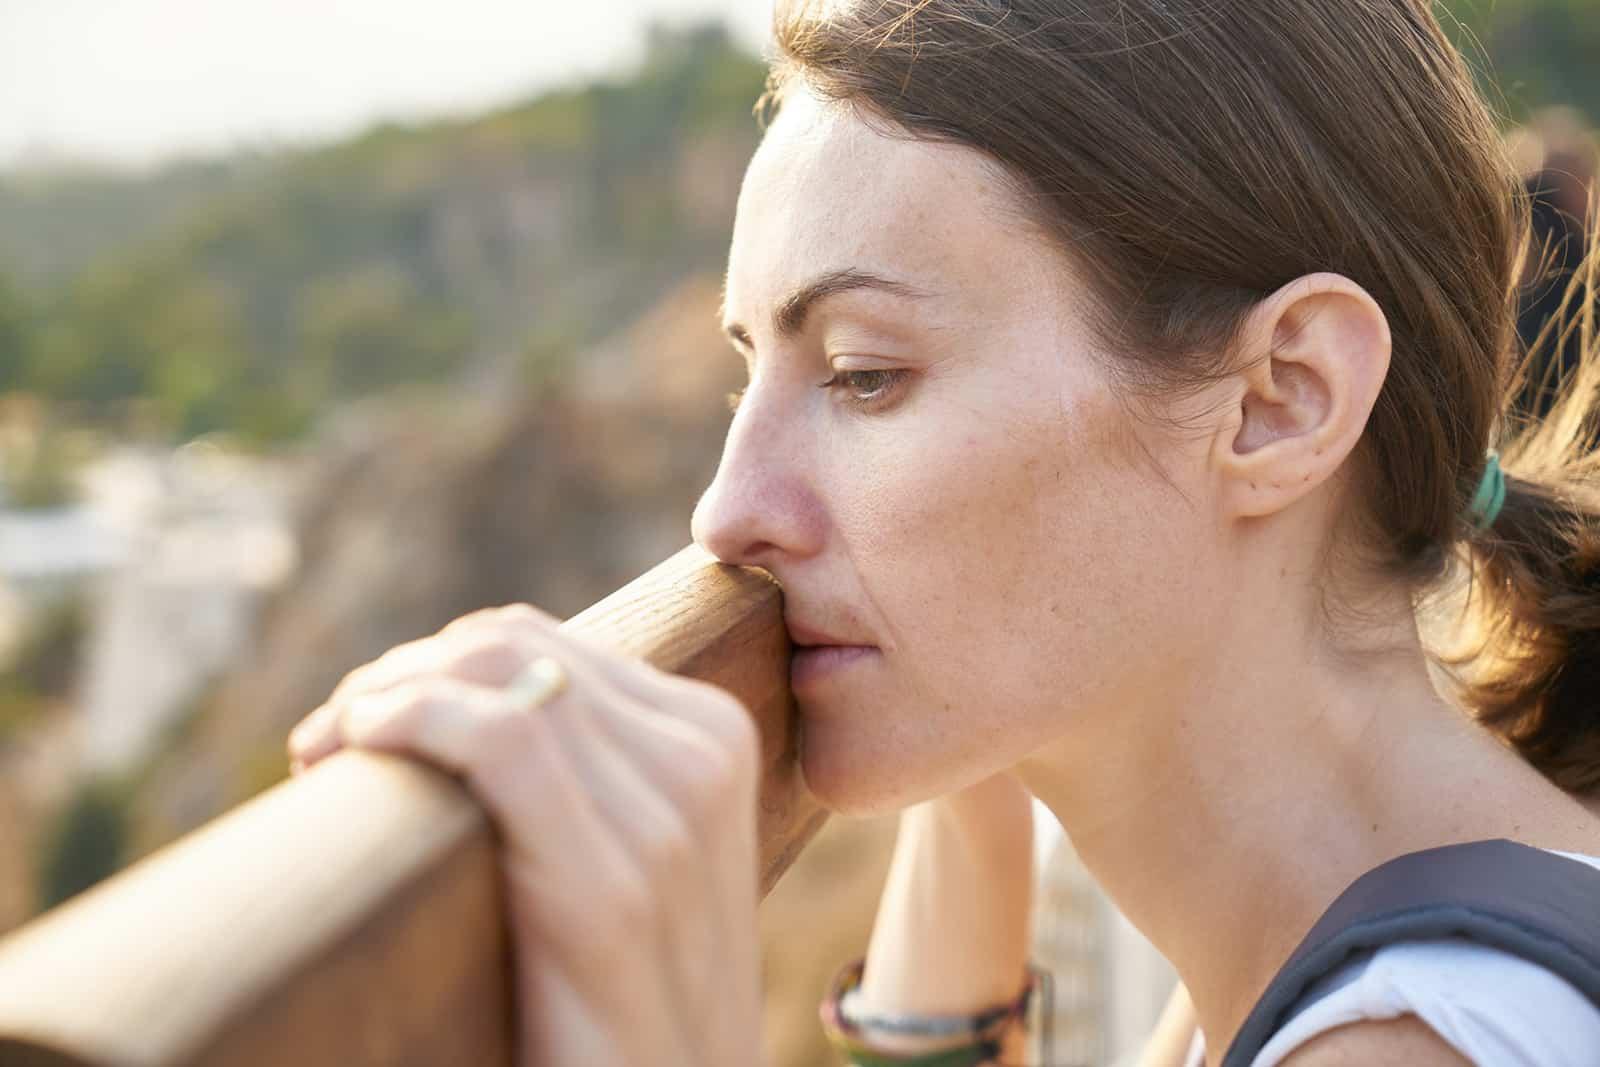 eine depressive Frau, die sich auf das Holzbrett stützte und nach unten schaute